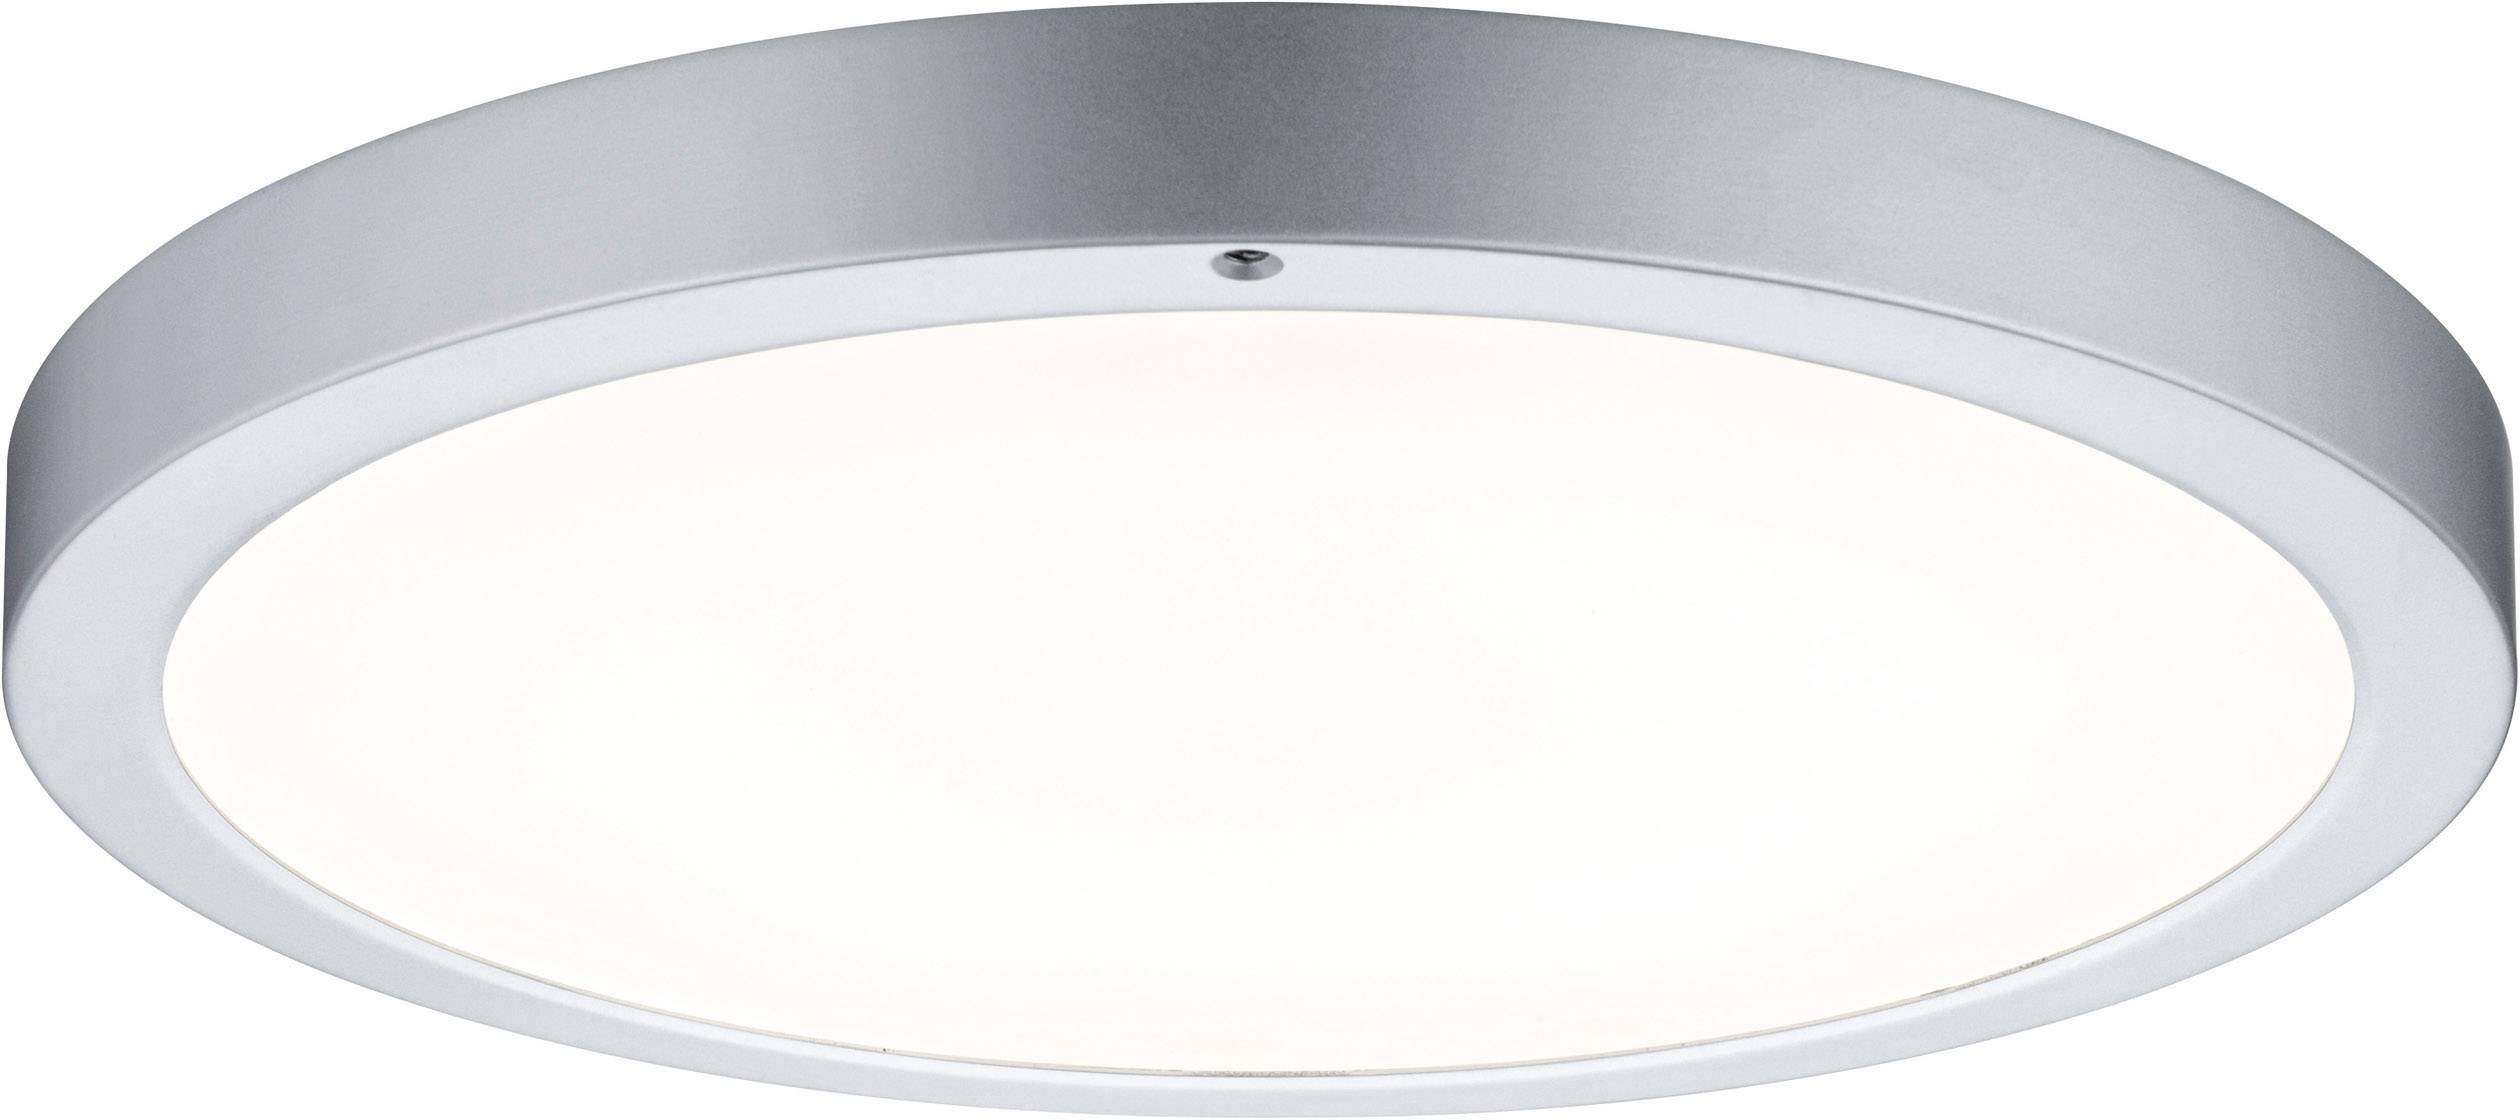 Tageslicht Deckenlampe Leuchtendirekt Led Deckenleuchte 80w Warm